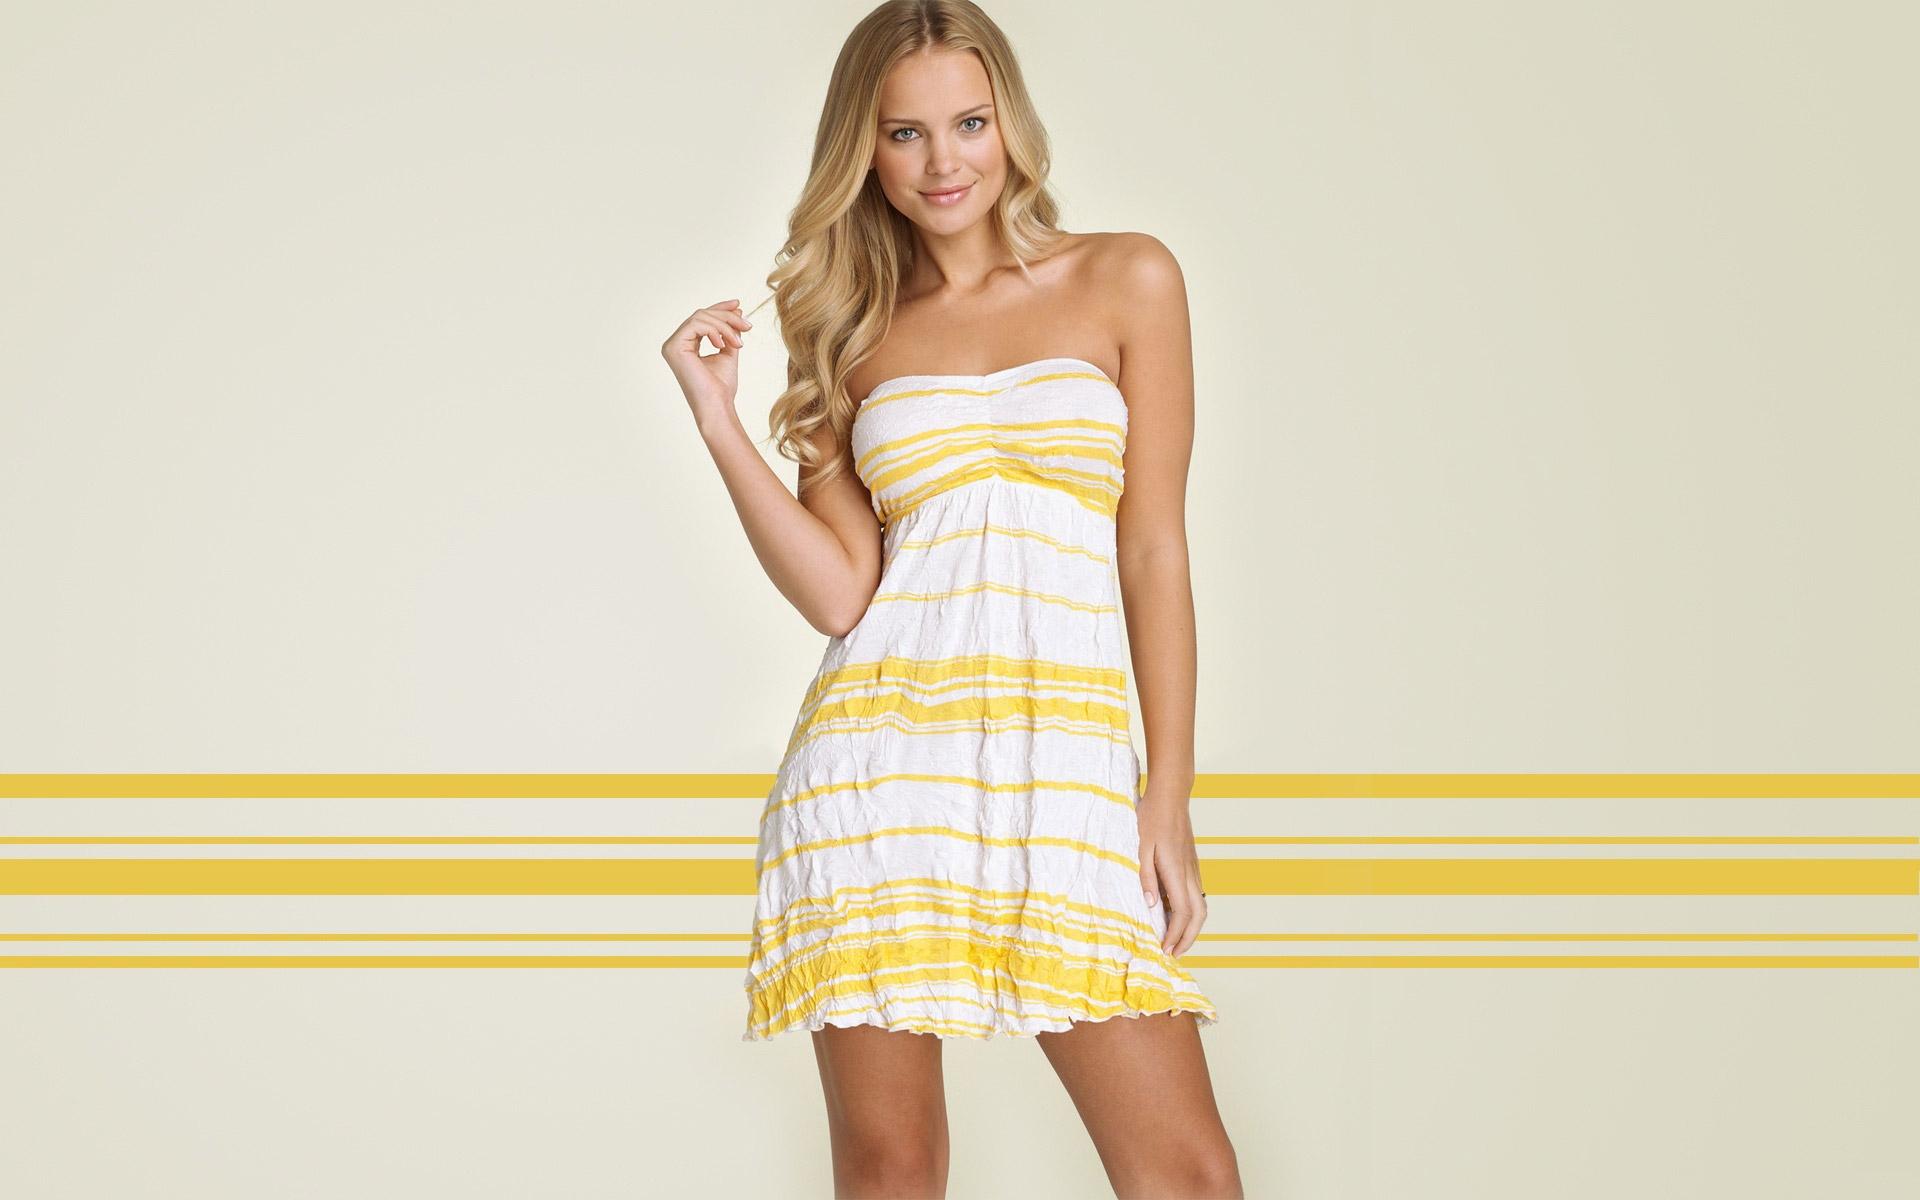 model blondýnka šaty žlutý vzor móda svatební šaty jaro Elisandra  Tomacheski oblečení promenáda focení krk talár 2d9427236a